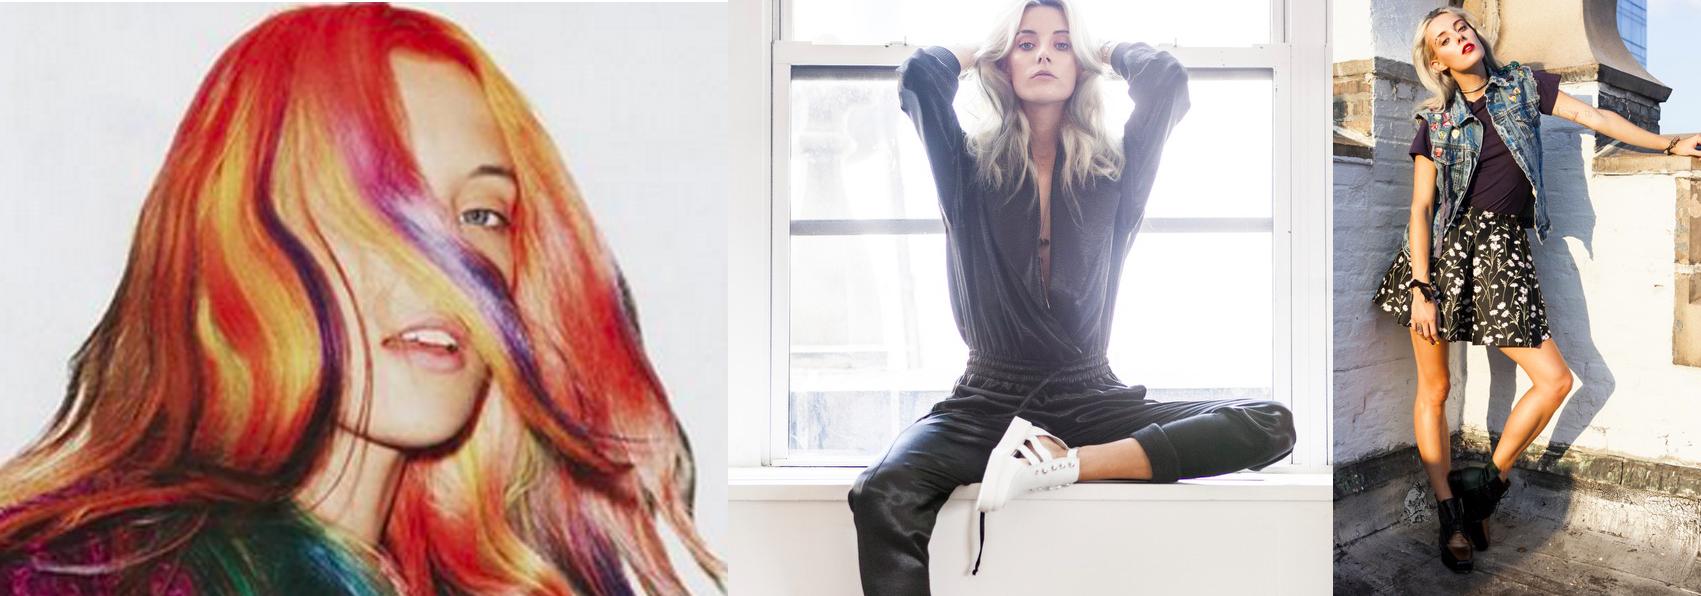 Chloe Norgaard 2015-09-23 17.58.28.png